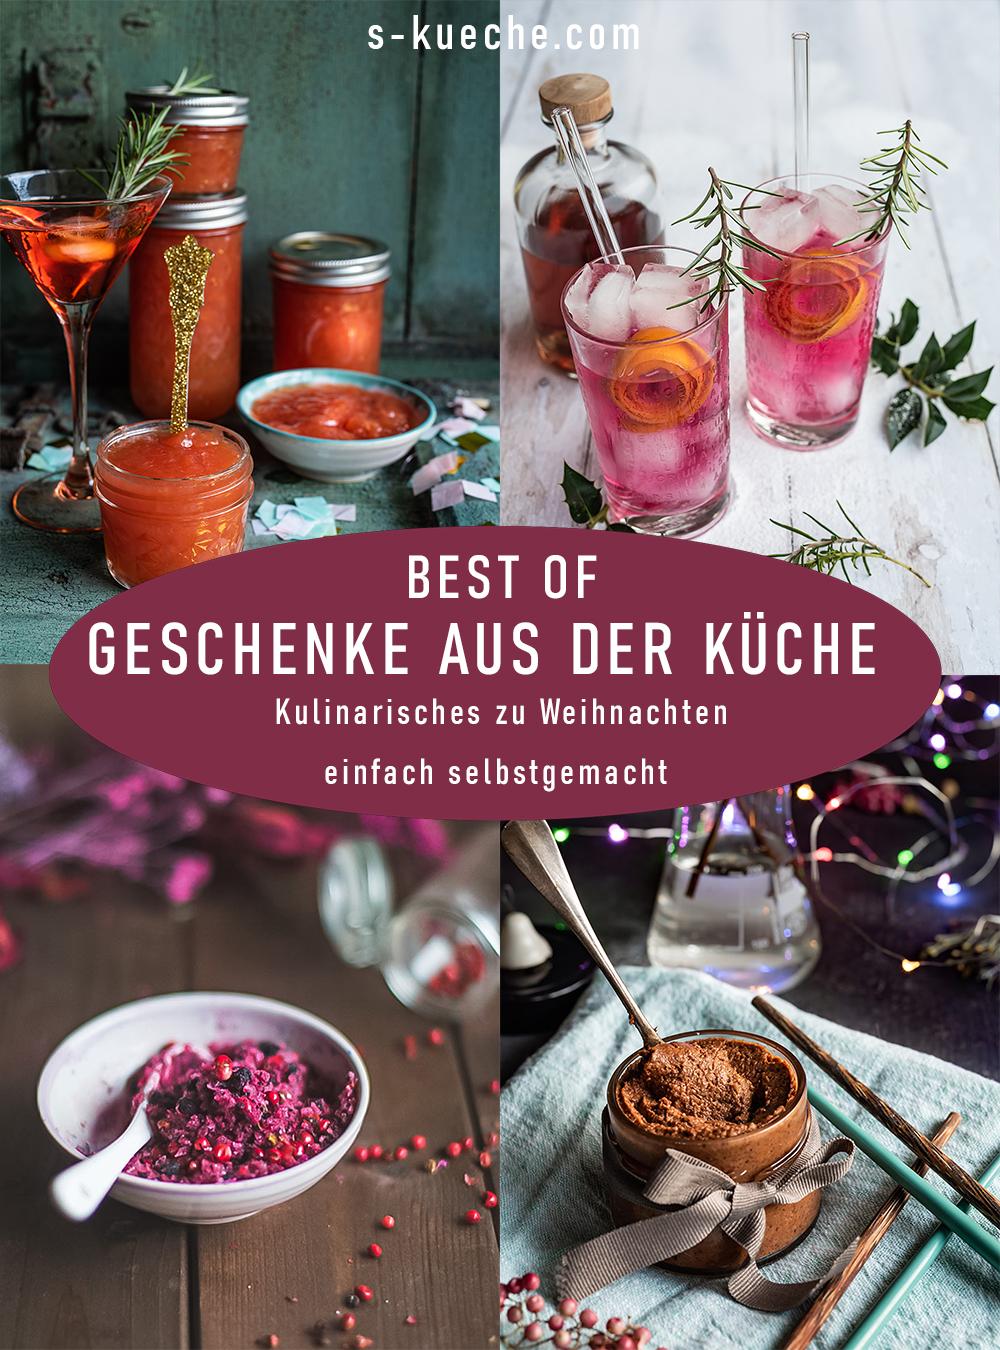 Best of Geschenke aus der Küche